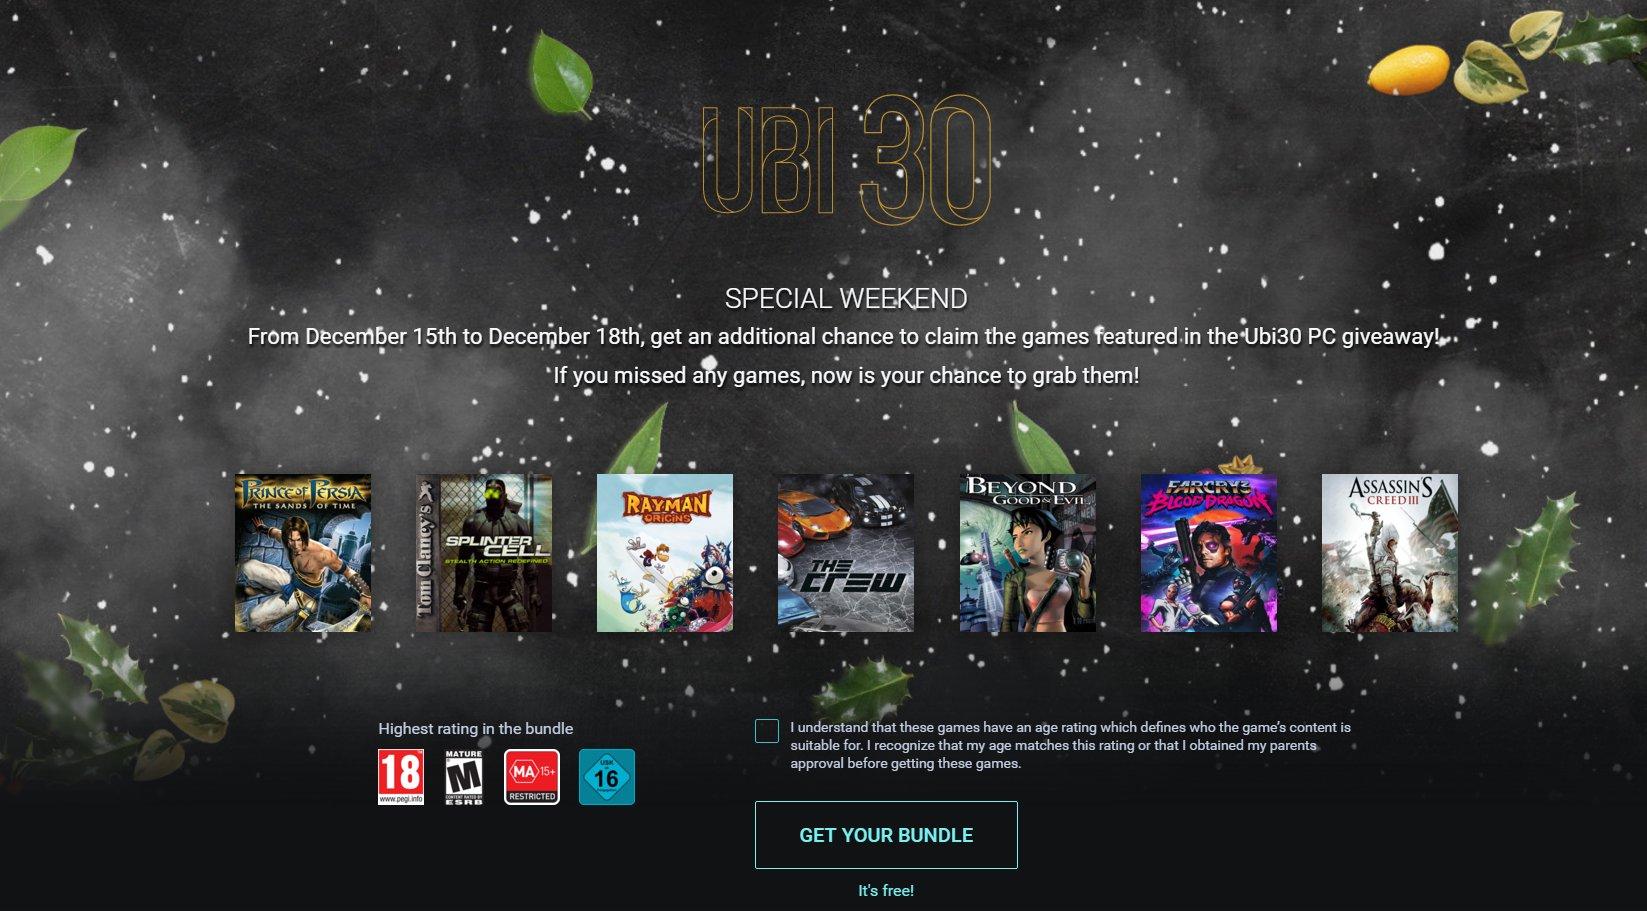 JEUX PC/Mac/Linux : bons plans du net et jeux gratuits - Page 6 504c466a-71d9-4512-bd96-5257036e2a49